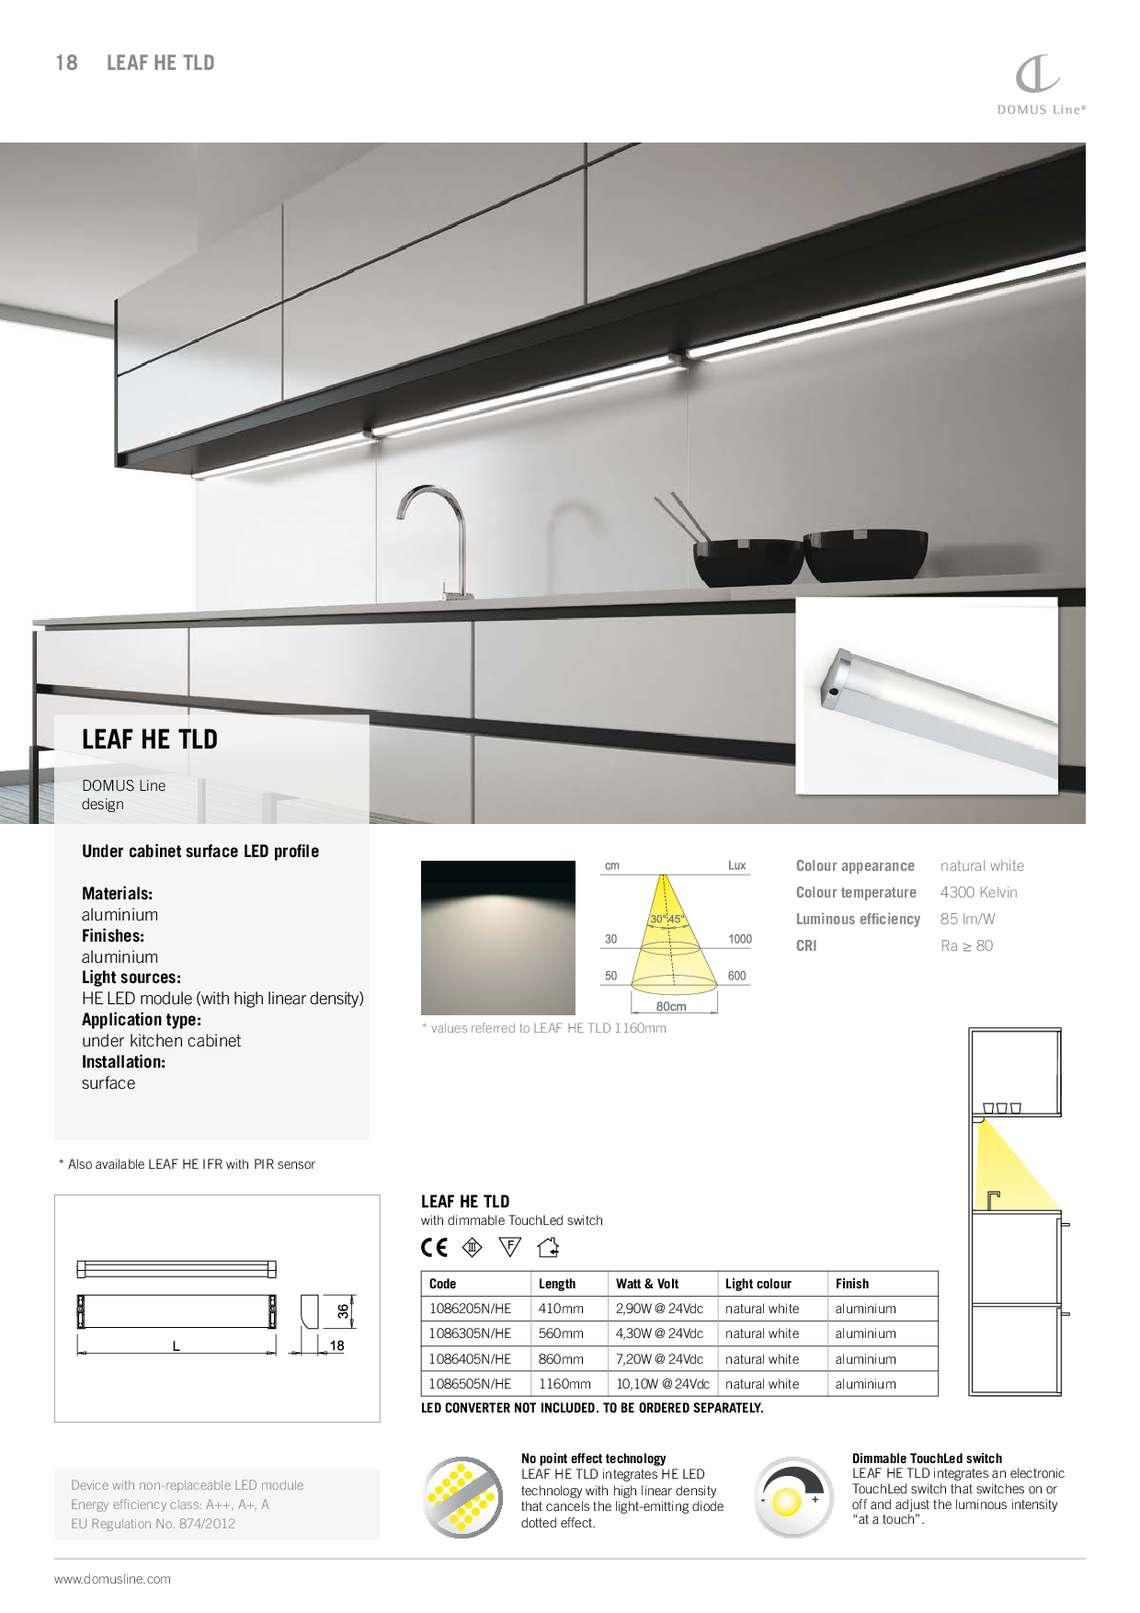 domus-line-top-seller_27_019.jpg